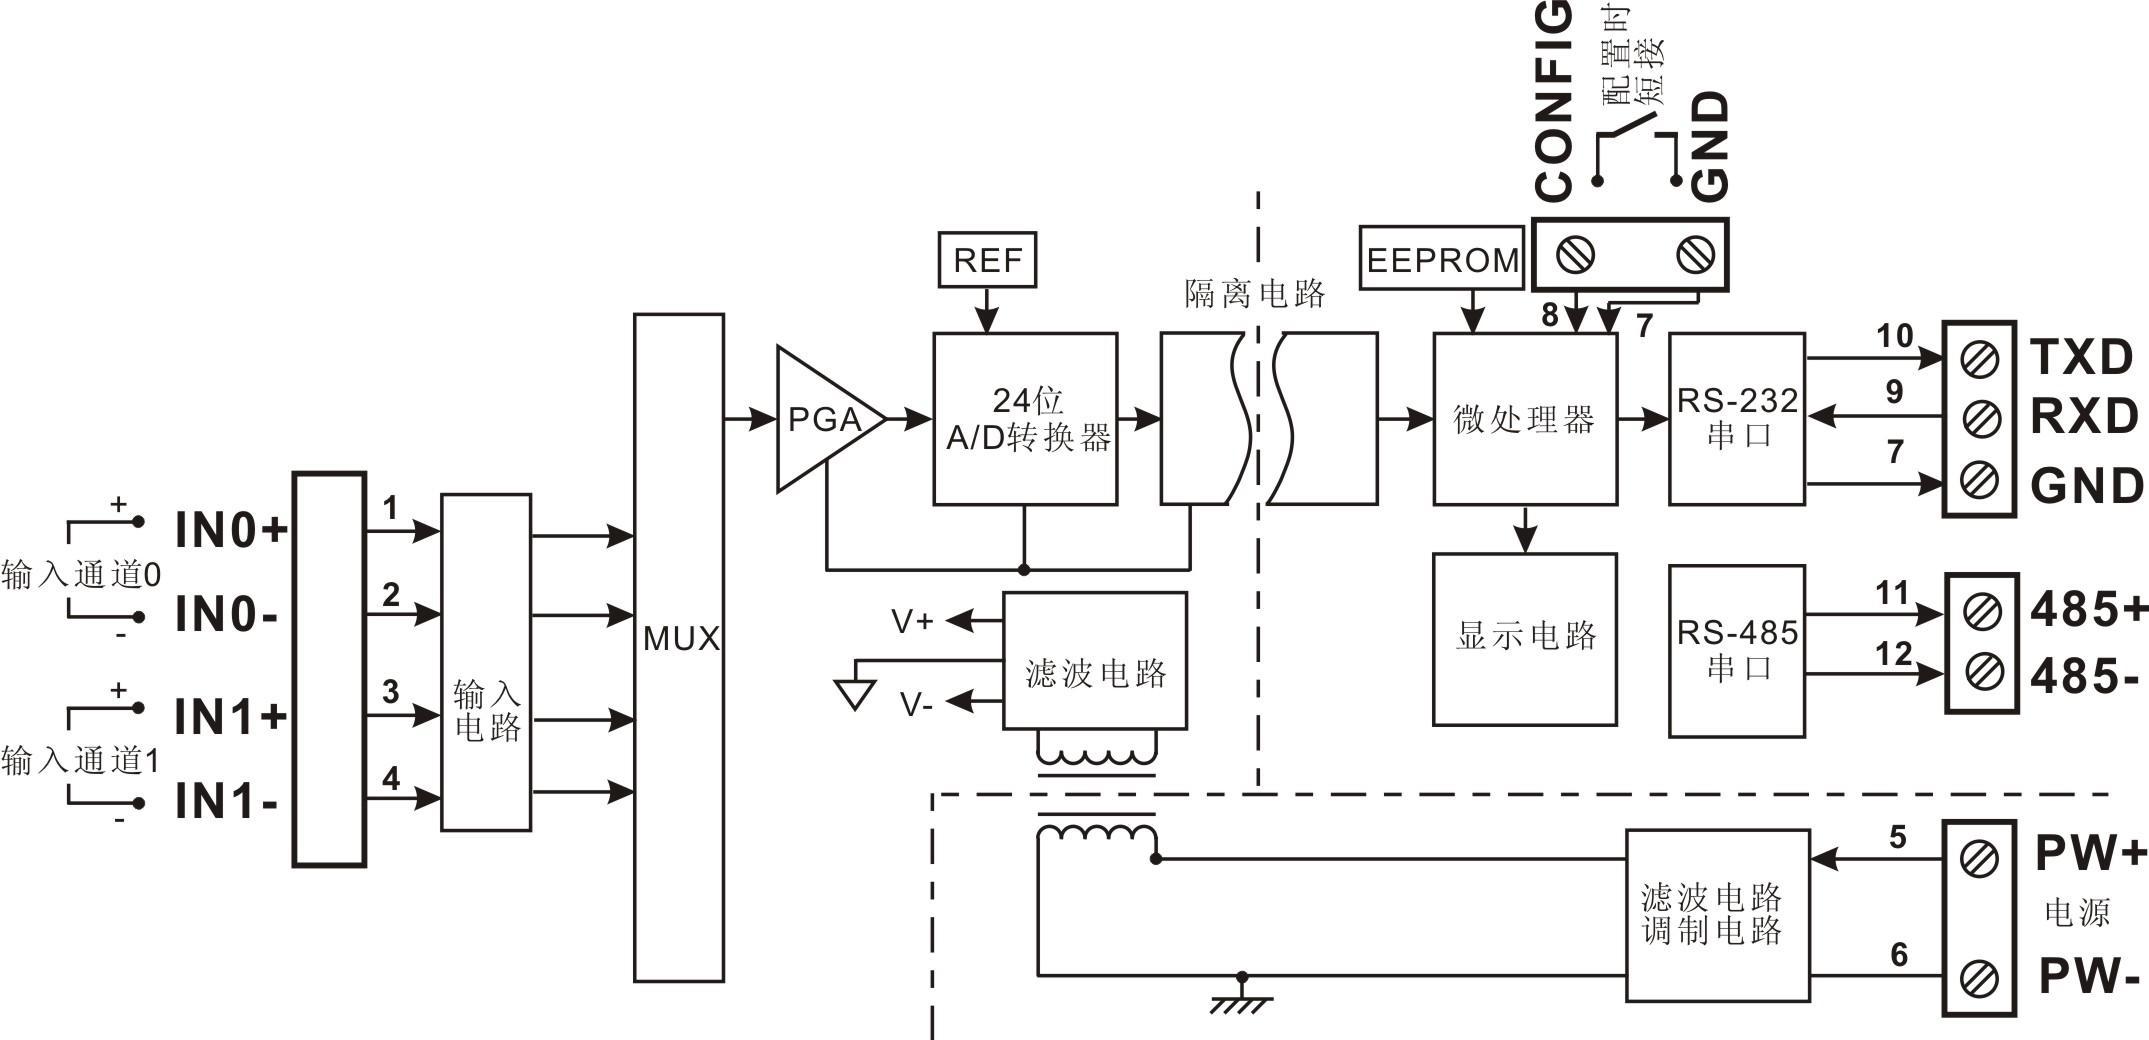 功能简介 ISO 4021(LED1)系列智能化信号隔离采集模块,可以用来测量一路电压或电流信号,也可以用来测量两路可以共地且不会互相干扰的电流或电压信号。数据采集结果以两种模式通过LED数码管显示。 24位采集精度,模拟信号输入。产品出厂前所有信号输入范围已全部校准。在使用时,用户也可以很方便的自行编程校准。具体电流或电压输入量程请看产品选型,测量两路信号时两路输入选型必须相同。 1、 通讯协议 通讯接口: 1路标准的RS-485通讯接口和1路标准的RS-232通讯接口。 通讯协议: 支持两种协议,AS